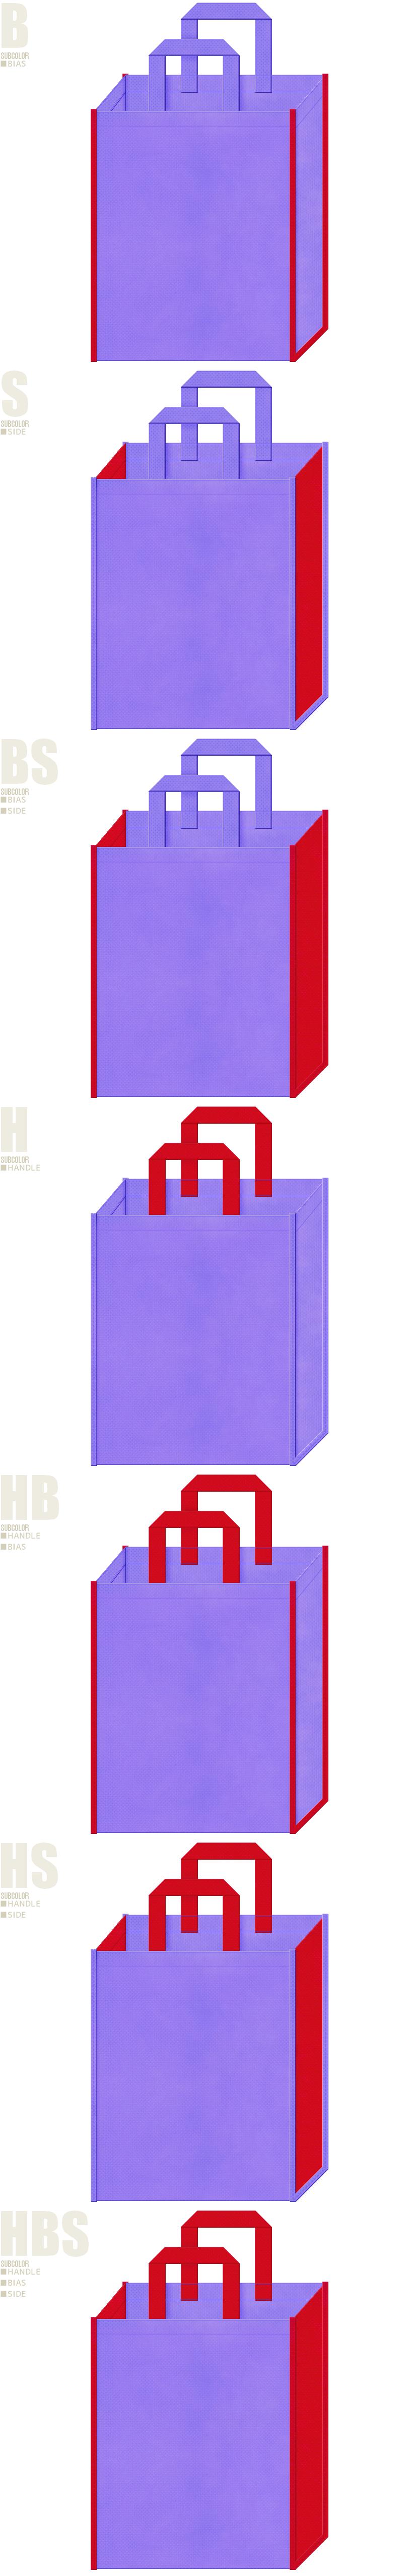 薄紫色と紅色の配色7パターン:不織布トートバッグのデザイン